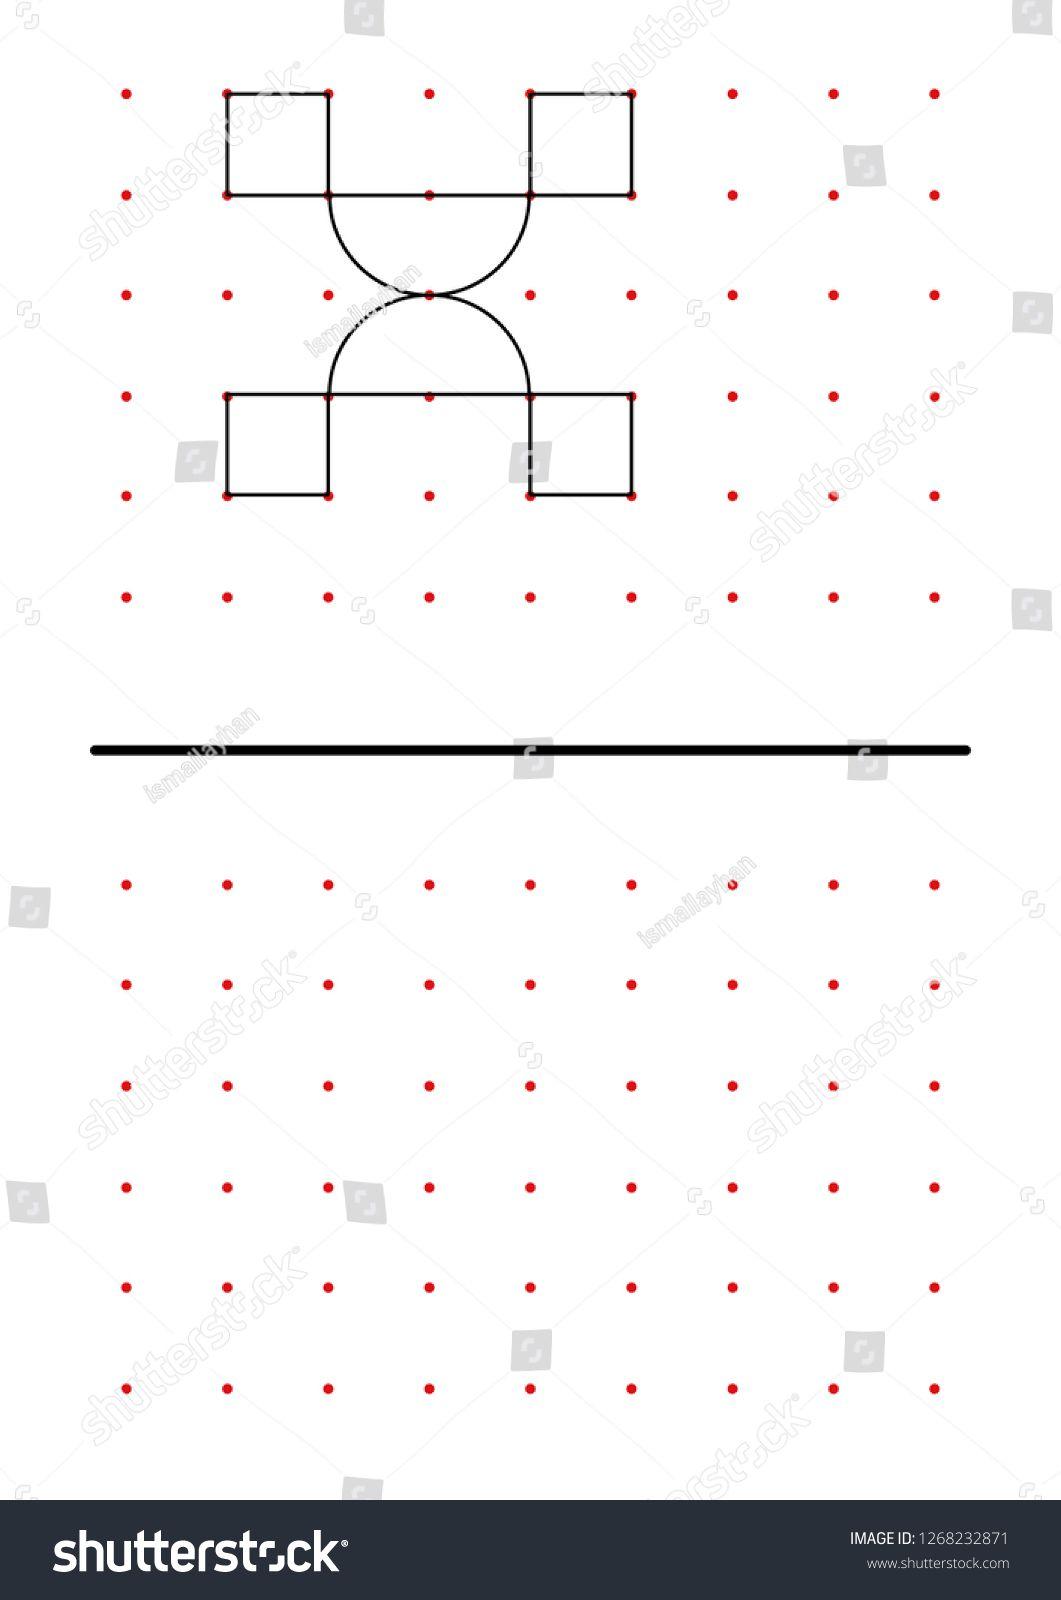 Educational Children Game Printable Worksheet For